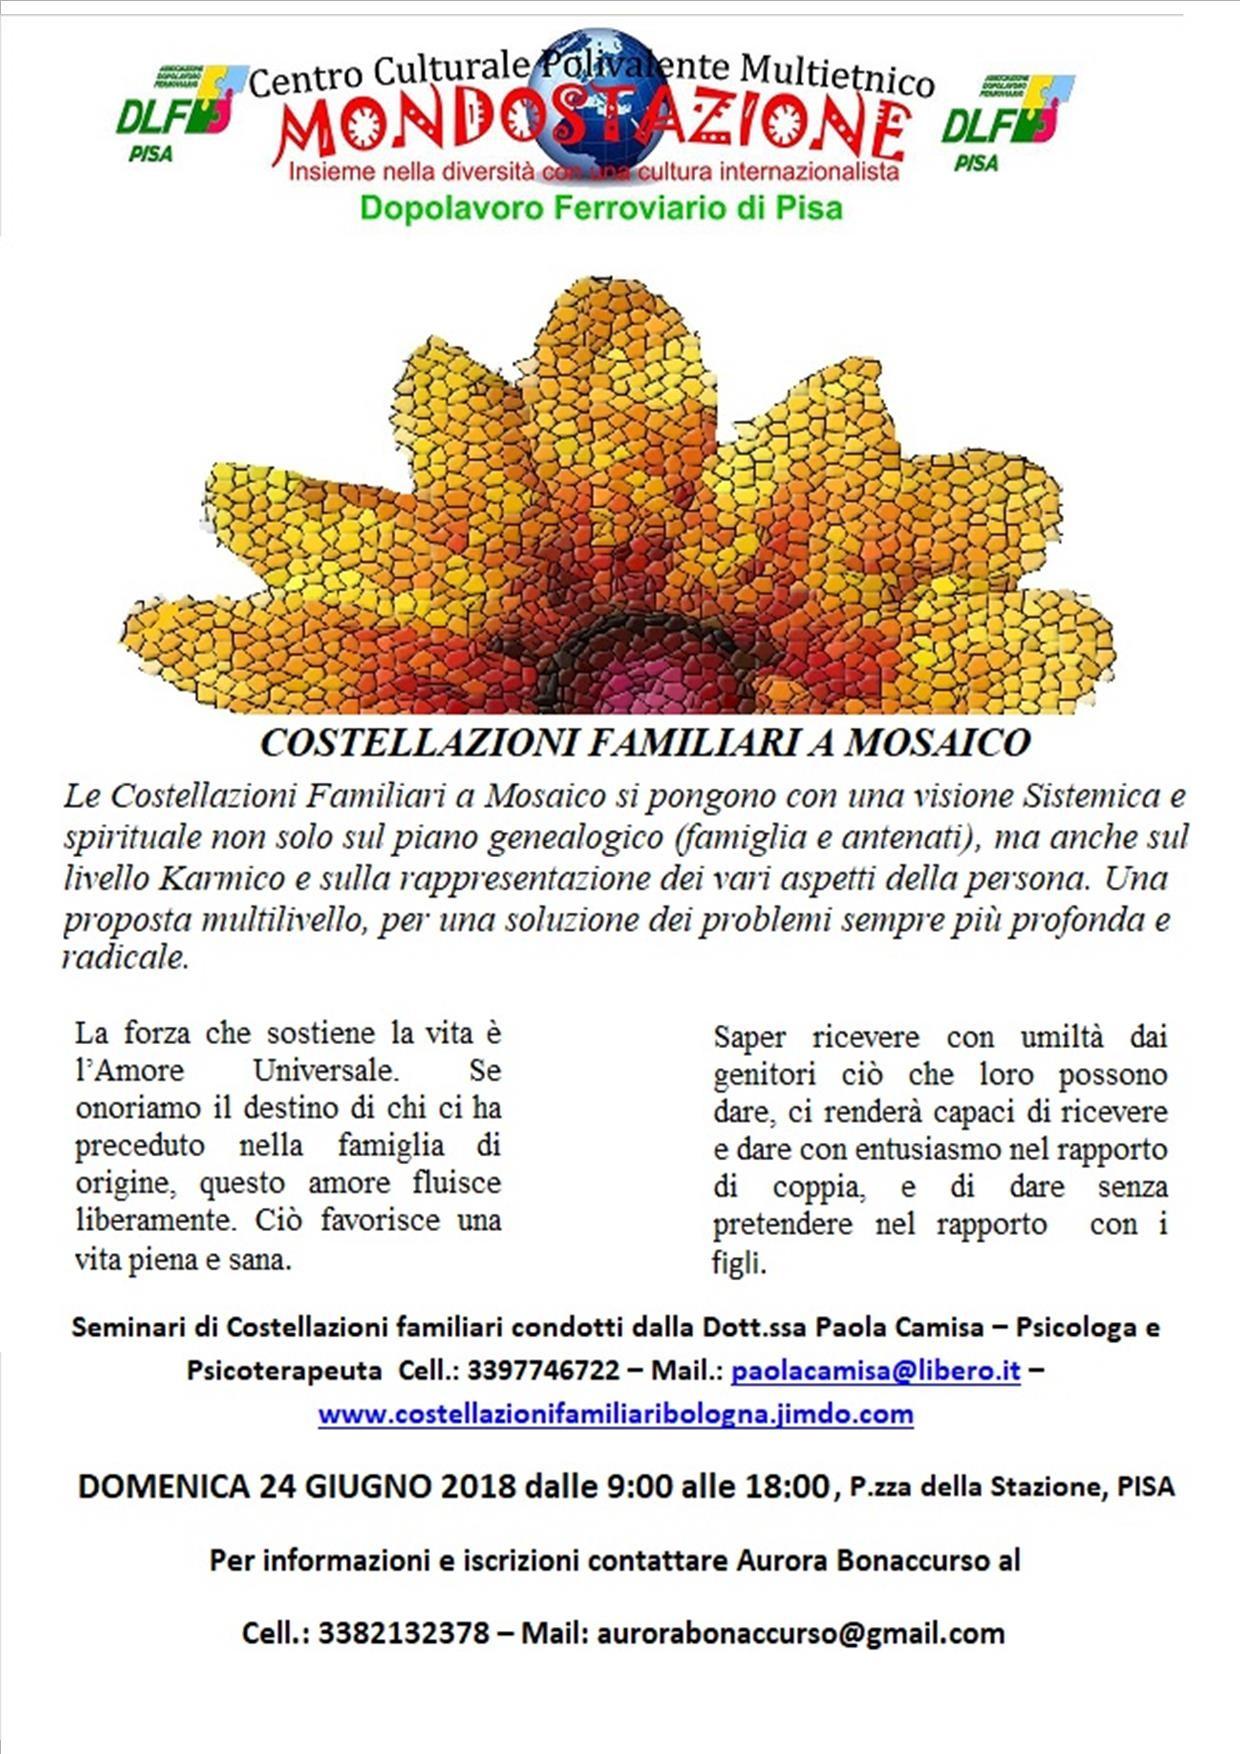 Calendario 2019 Con Santi E Feste Mejores Y Más Novedosos Dopolavoro Ferroviario Di Pisa Of Calendario 2019 Con Santi E Feste Más Recientes Psr Calabria 2014 2020